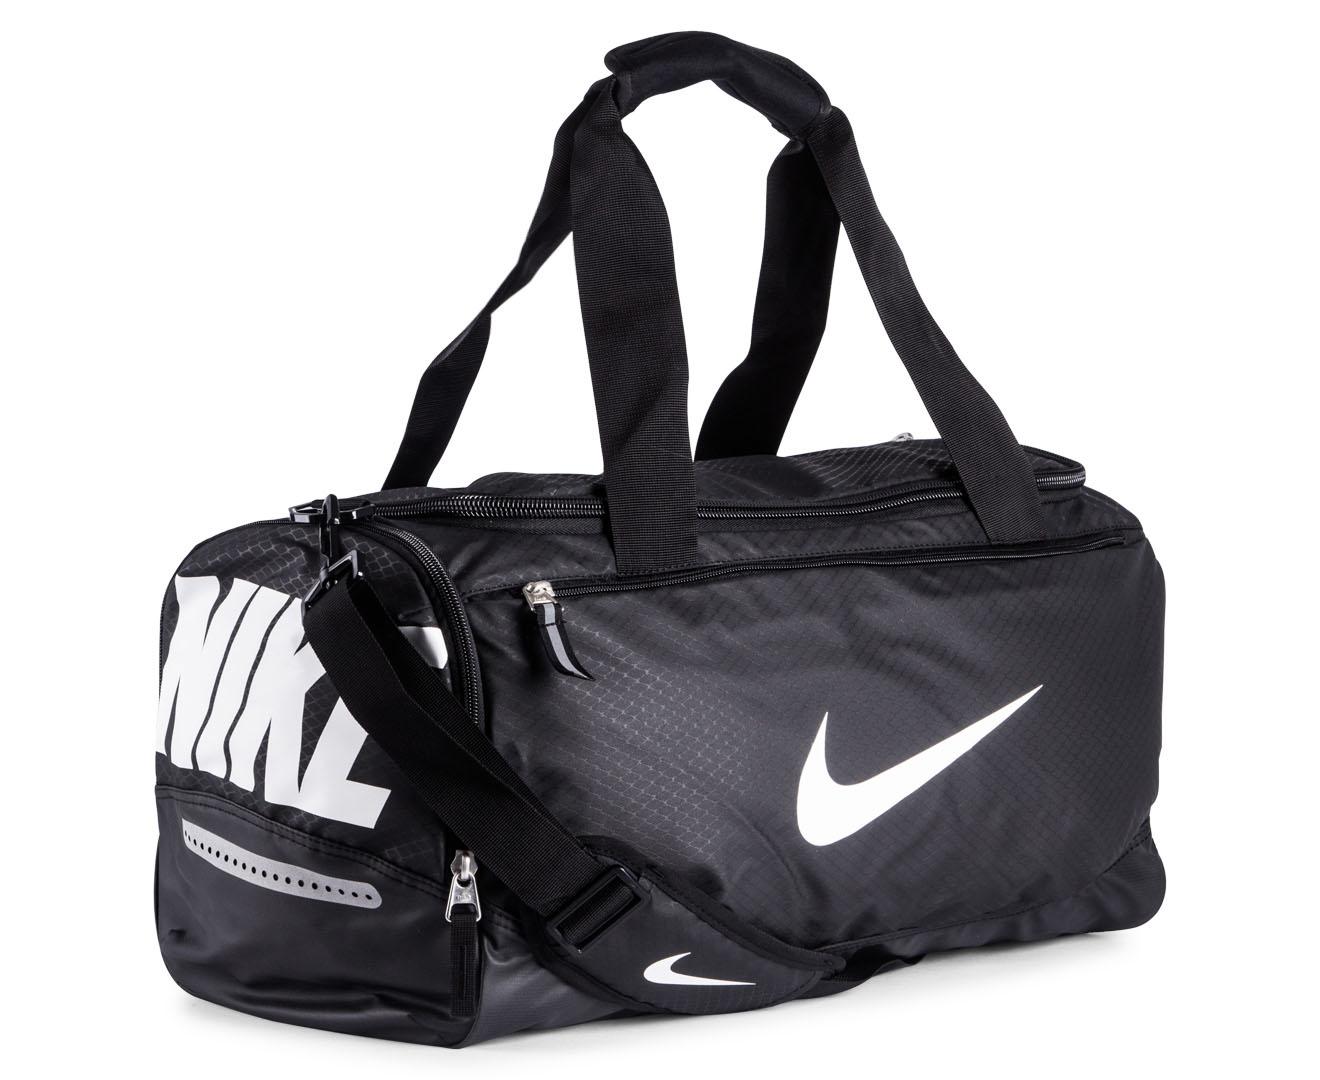 a67e5b7920 Nike Team Training Max Air Small Duffel Bag - Black